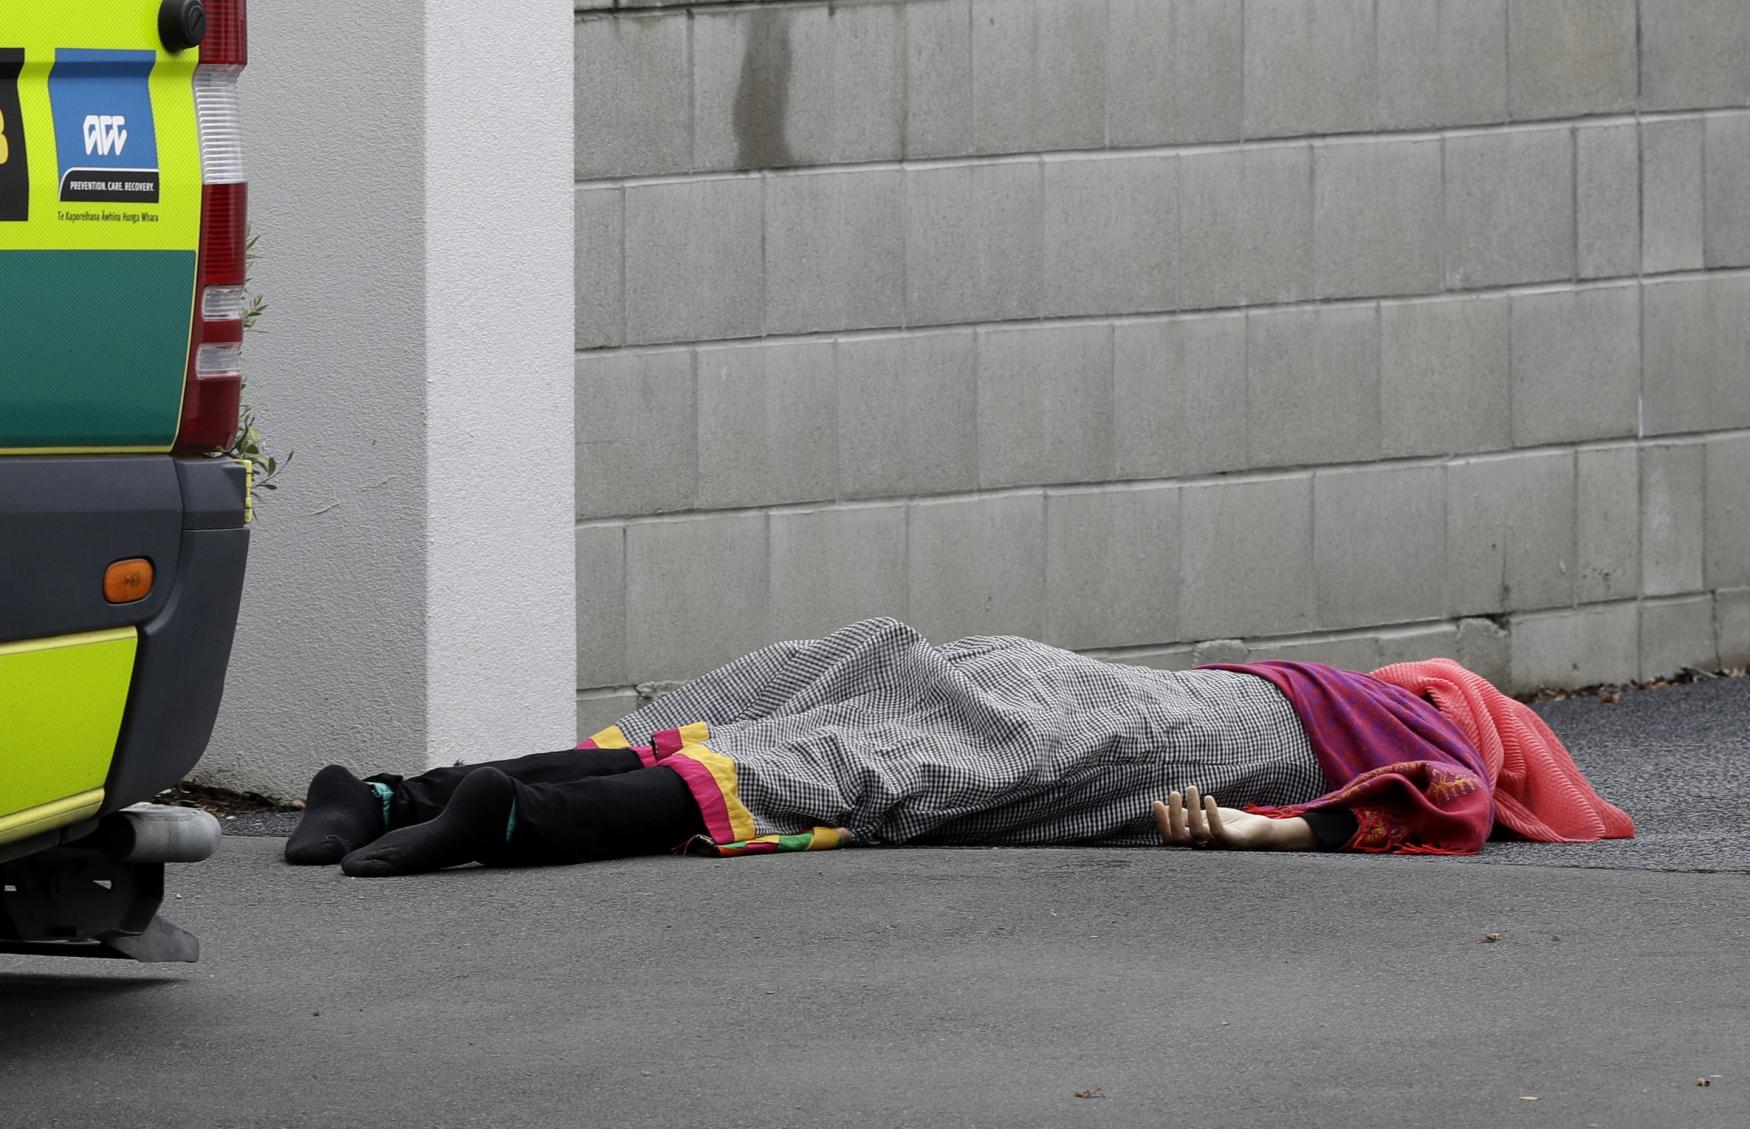 Hromadná střelba v mešitě na Novém Zélandu